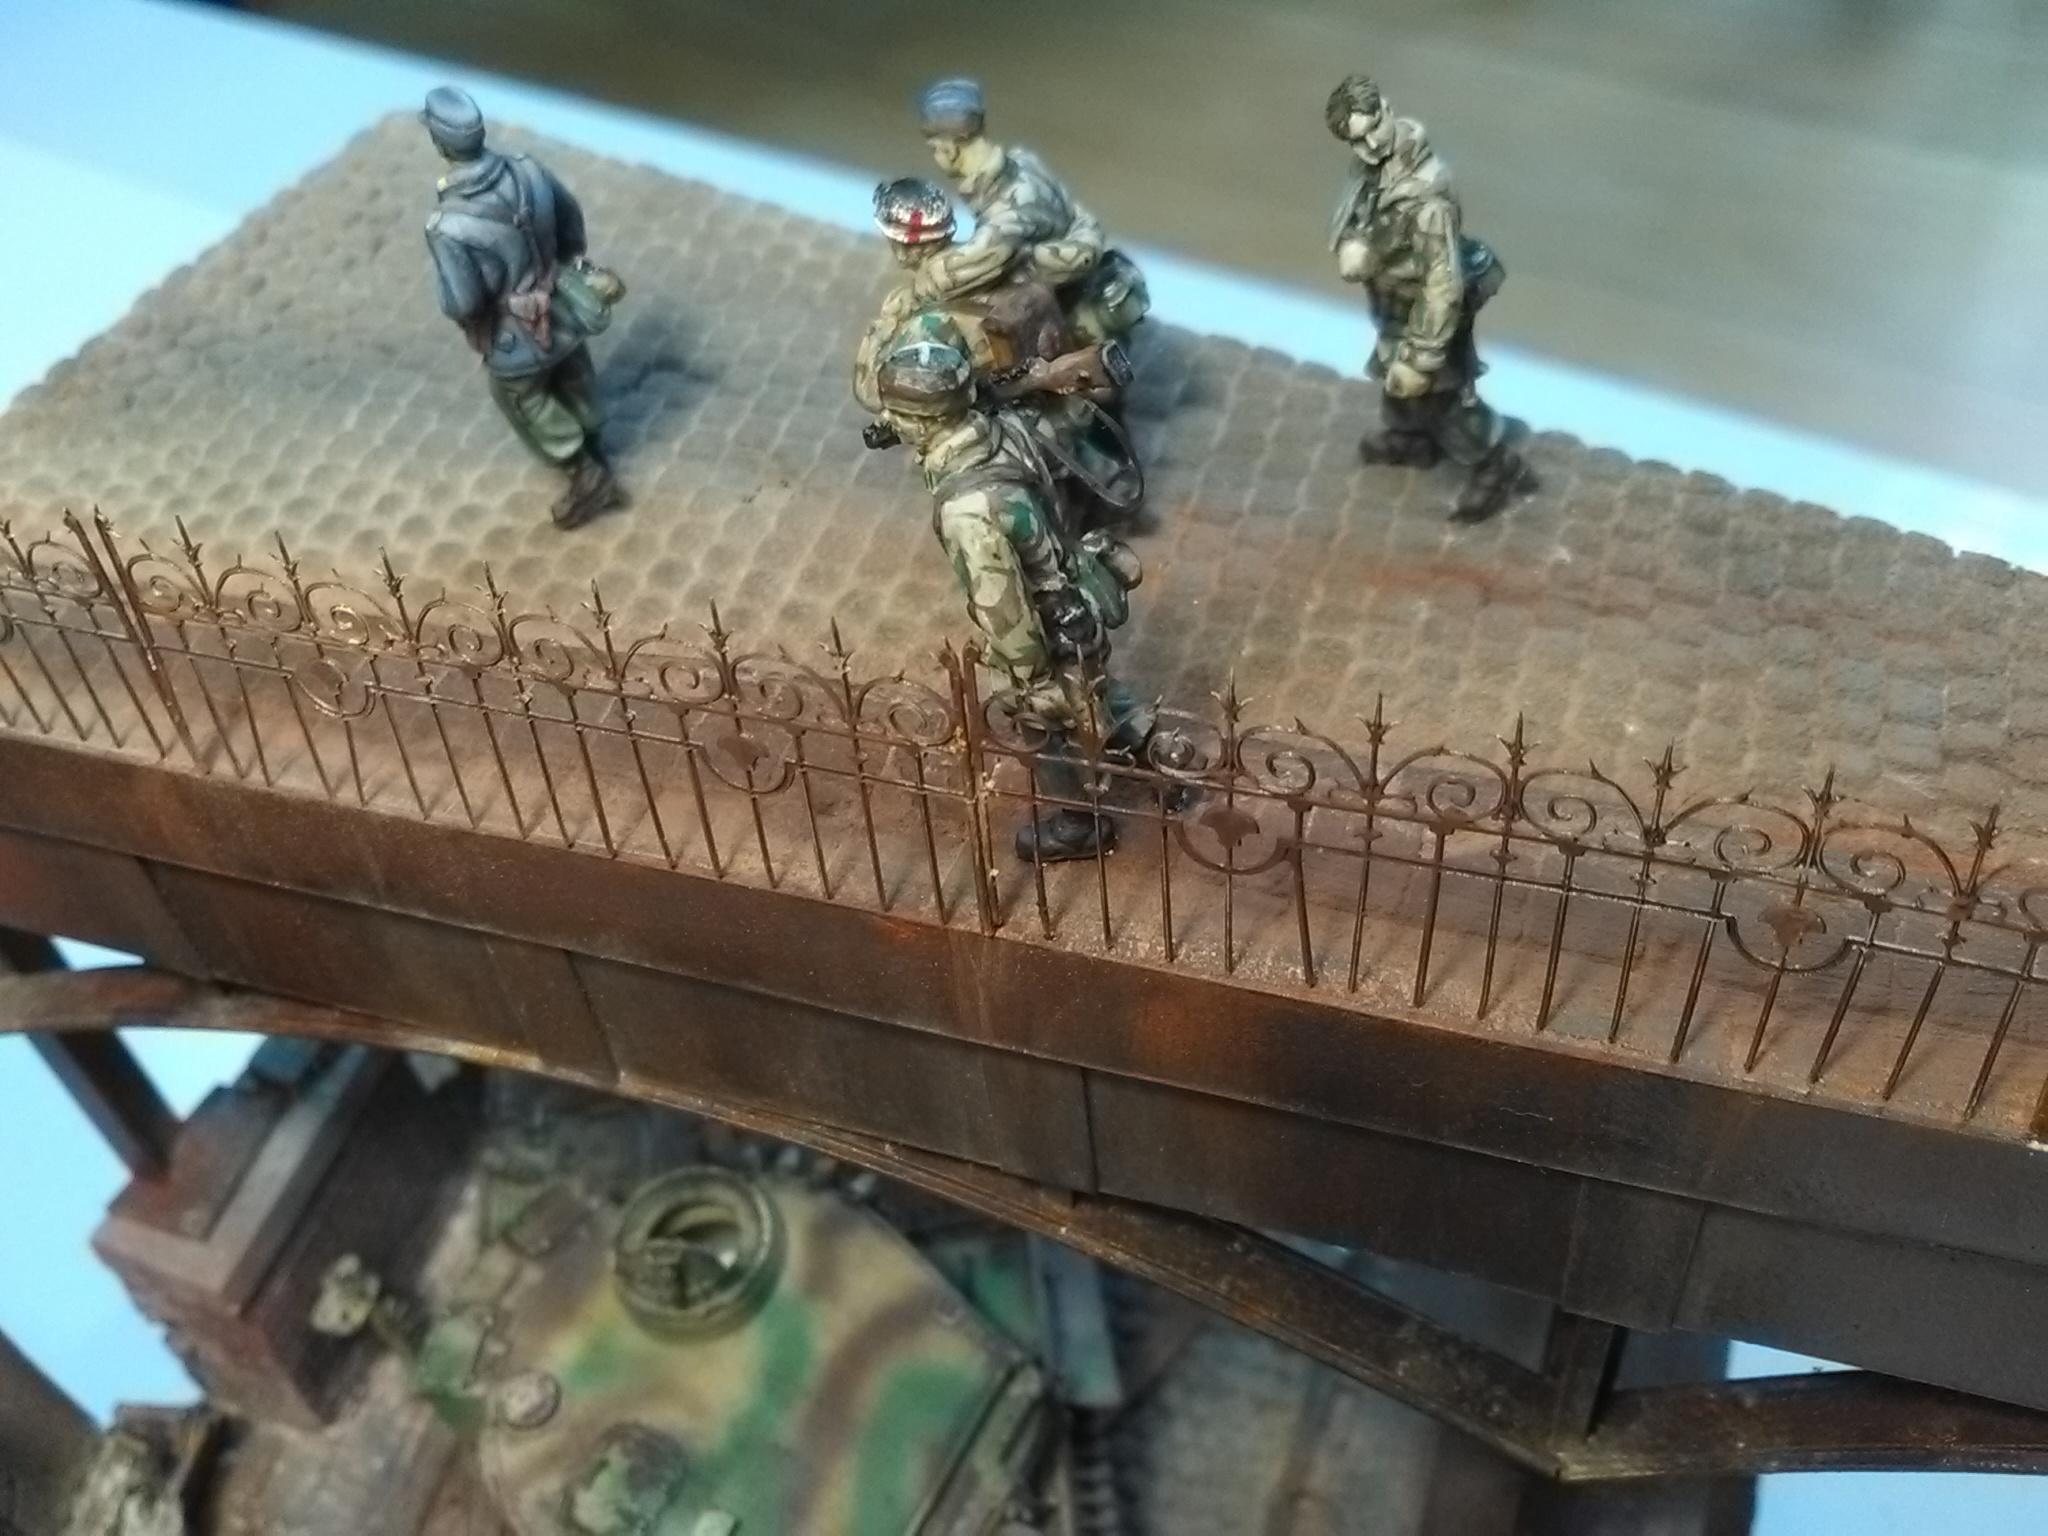 Le Survivant 1/72 - (Tigre 1 Allemagne 1945) - Page 3 IMG_20180610_184233